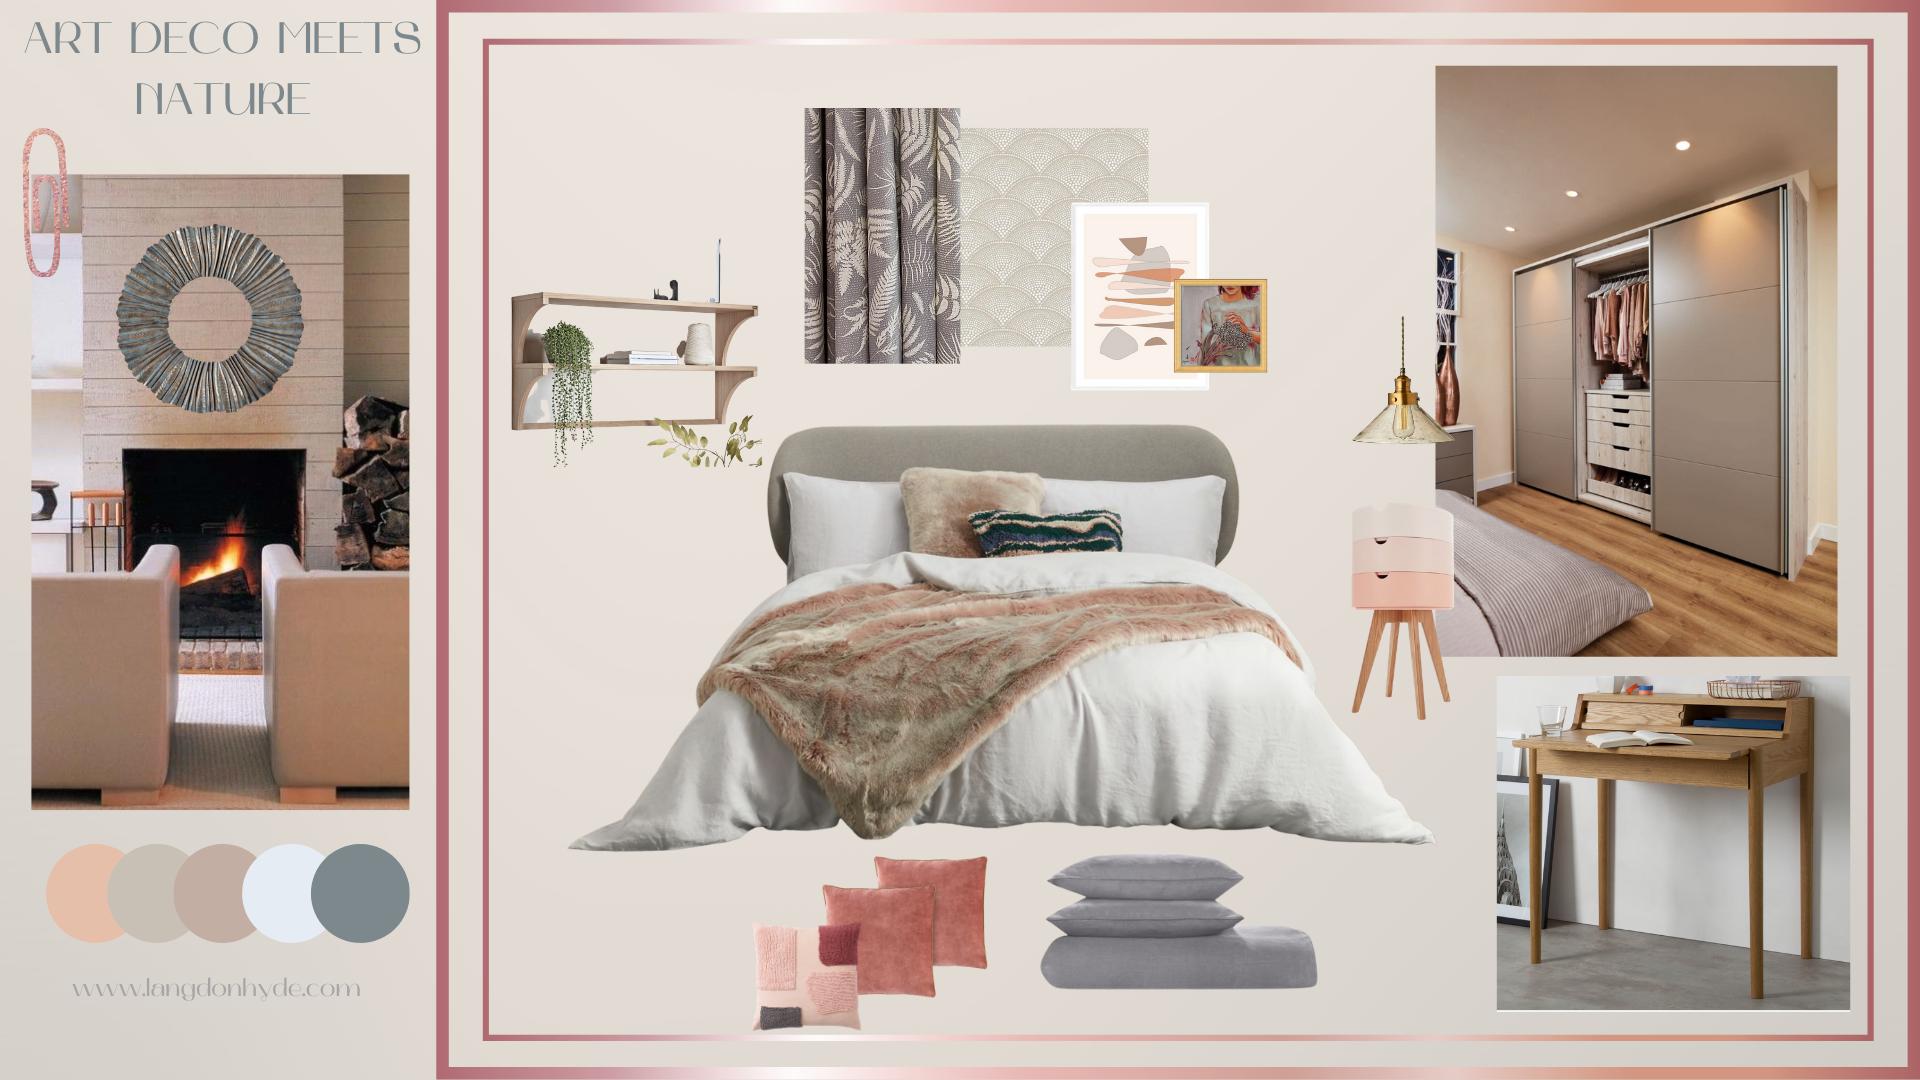 Art Deco meets nature bedroom moodboard